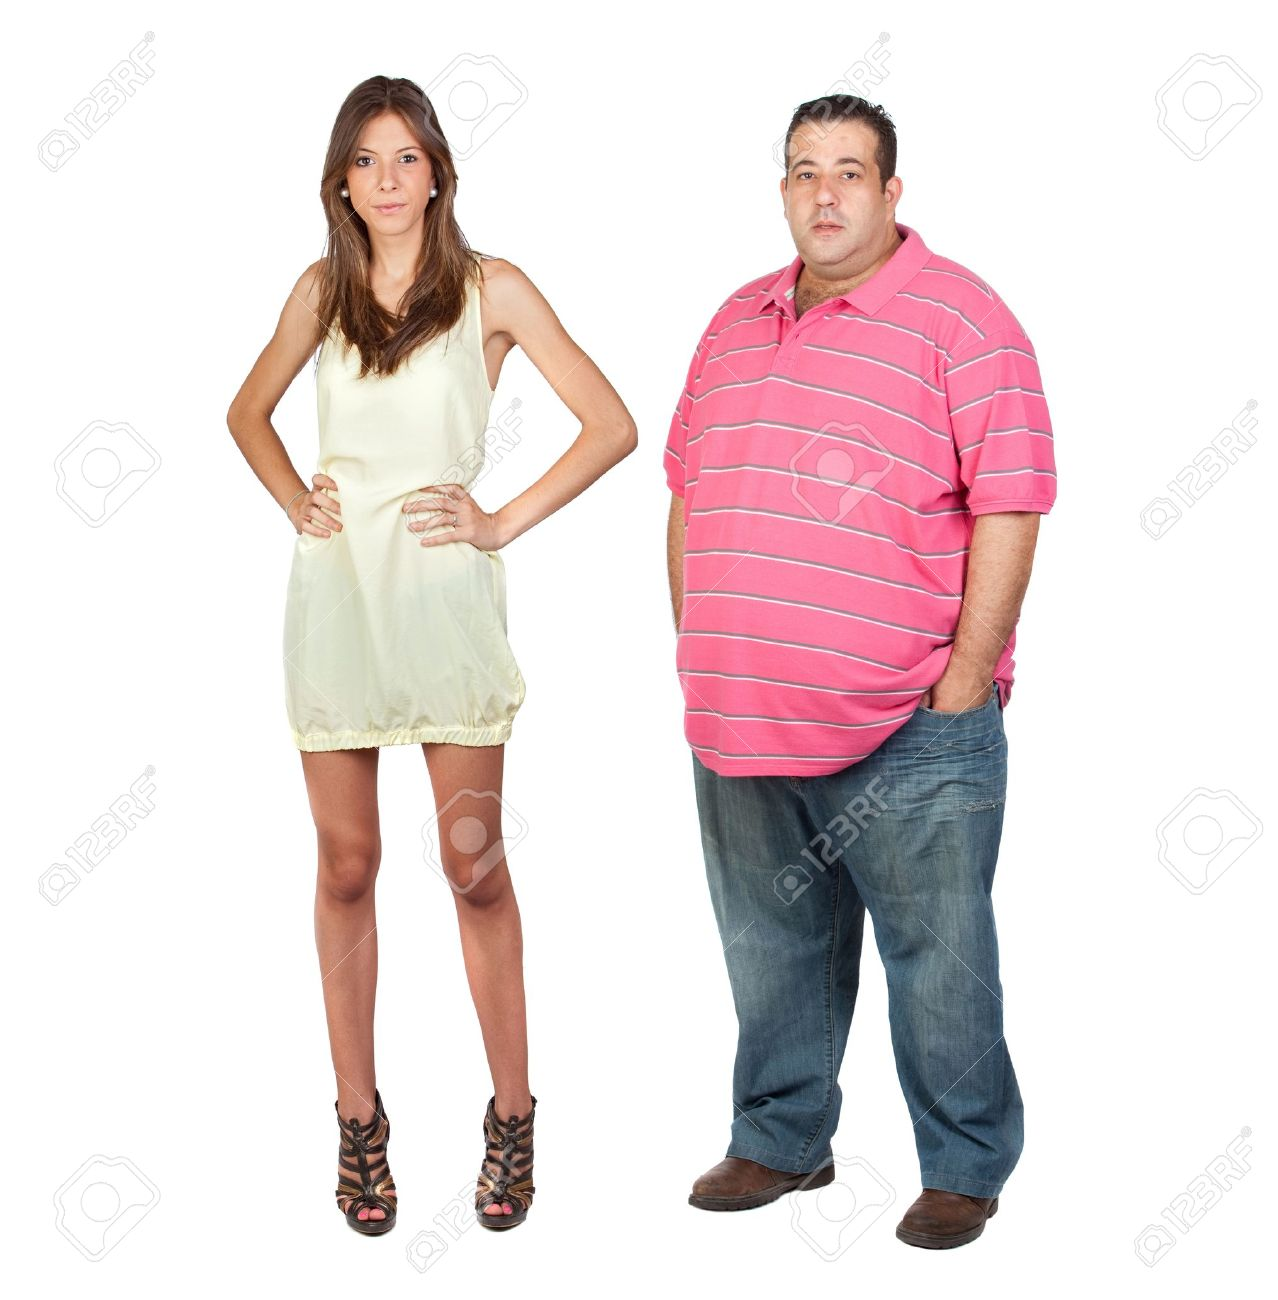 Толстая девушка с худым парнем 10 фотография